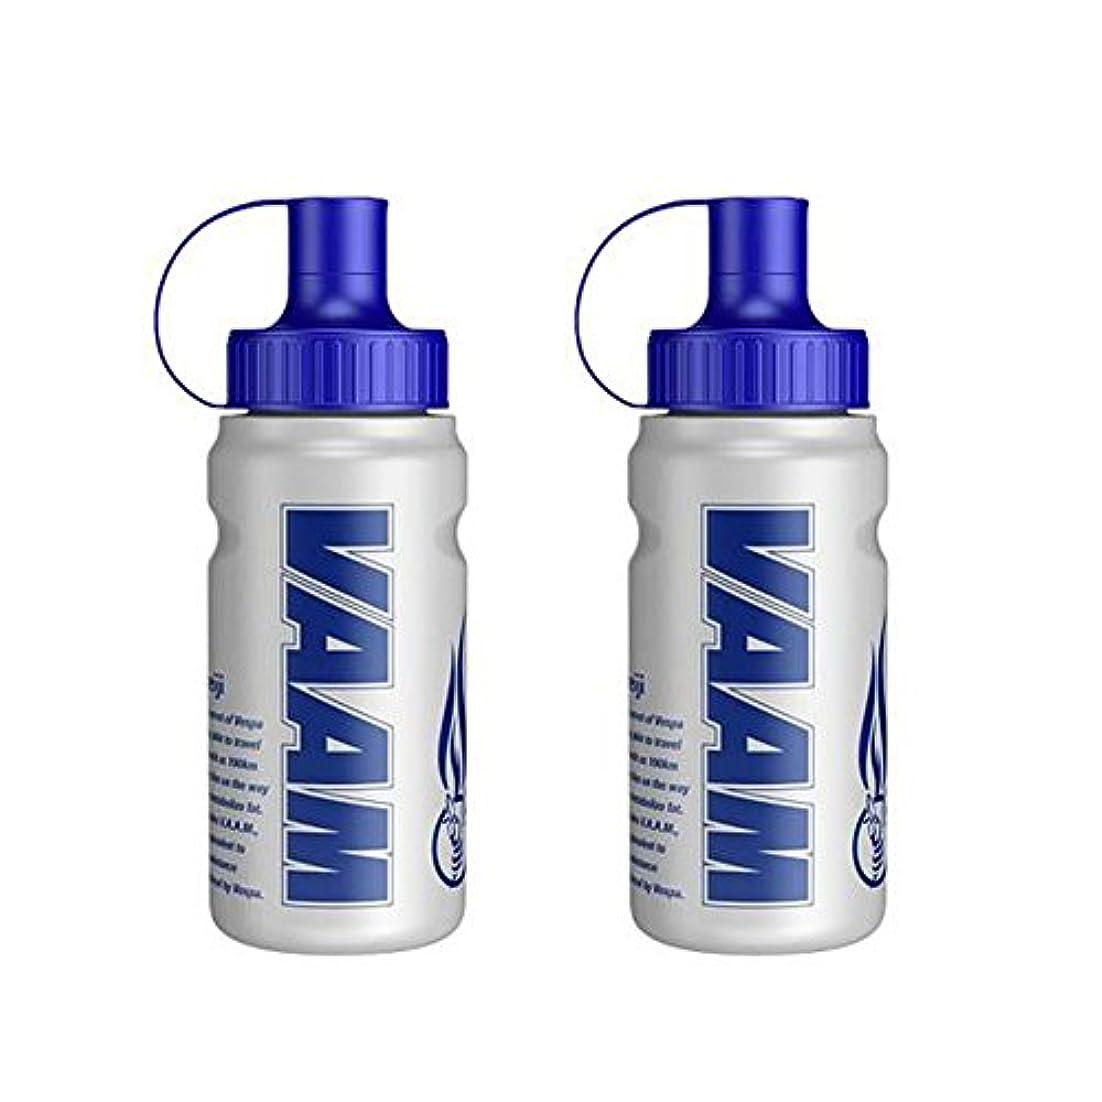 急ぐ干渉する後継MGN(明治乳業) ヴァームスクイズボトル 500ml 2個セット 2650968-2SET